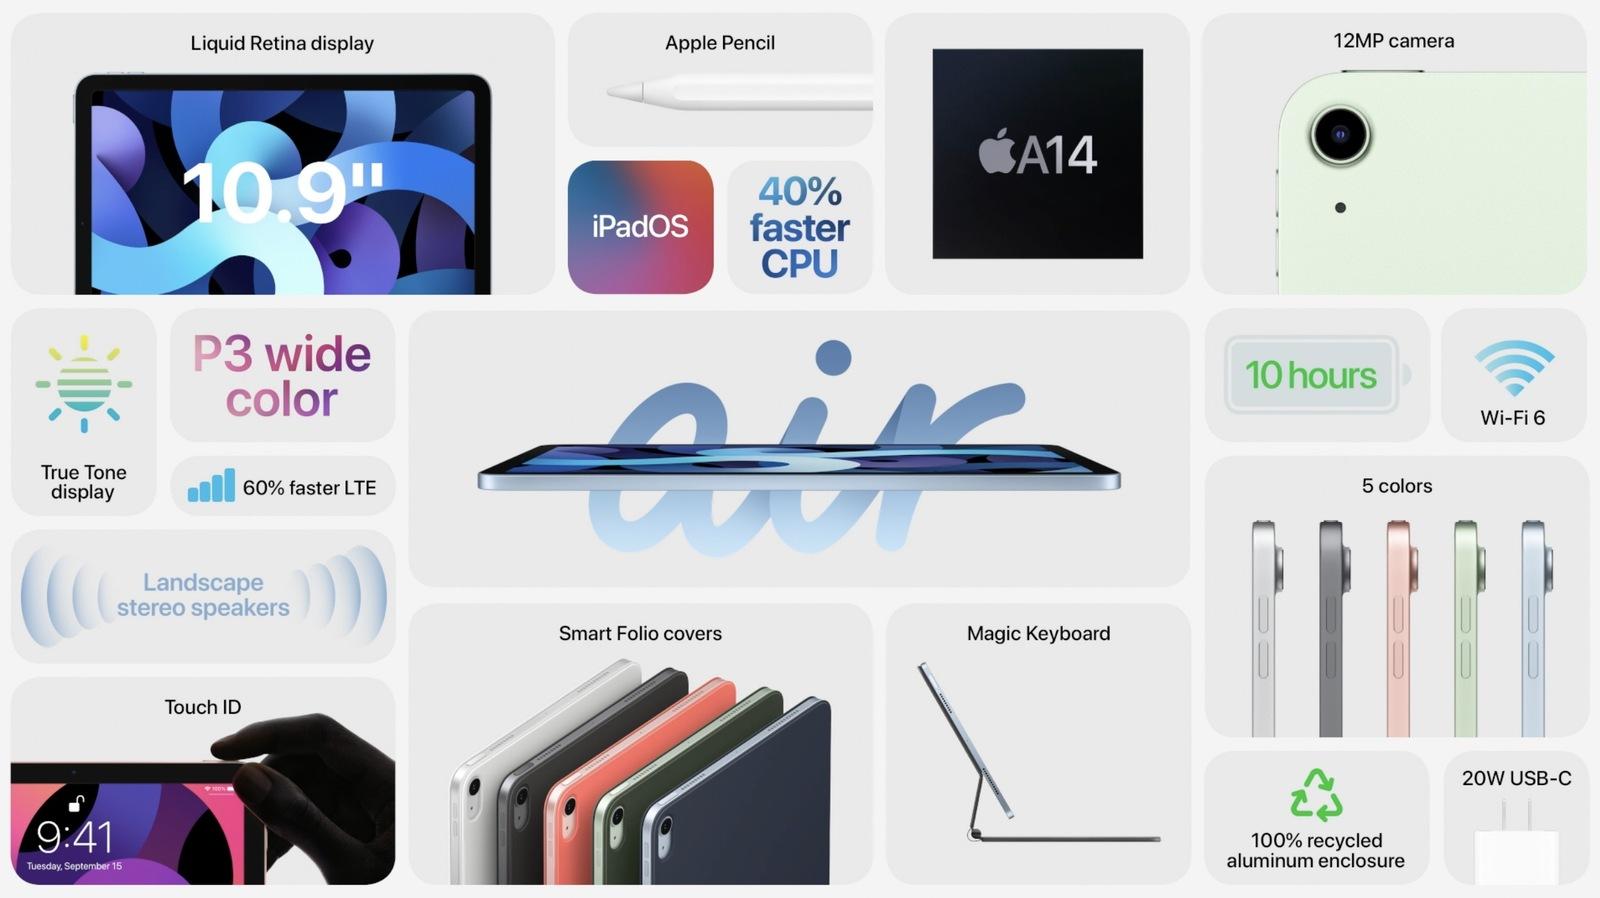 Không có iPhone 12, iPad Air trở thành tâm điểm chú ý với thiết kế cạnh vuông mới, đẹp hơn! - ảnh 7